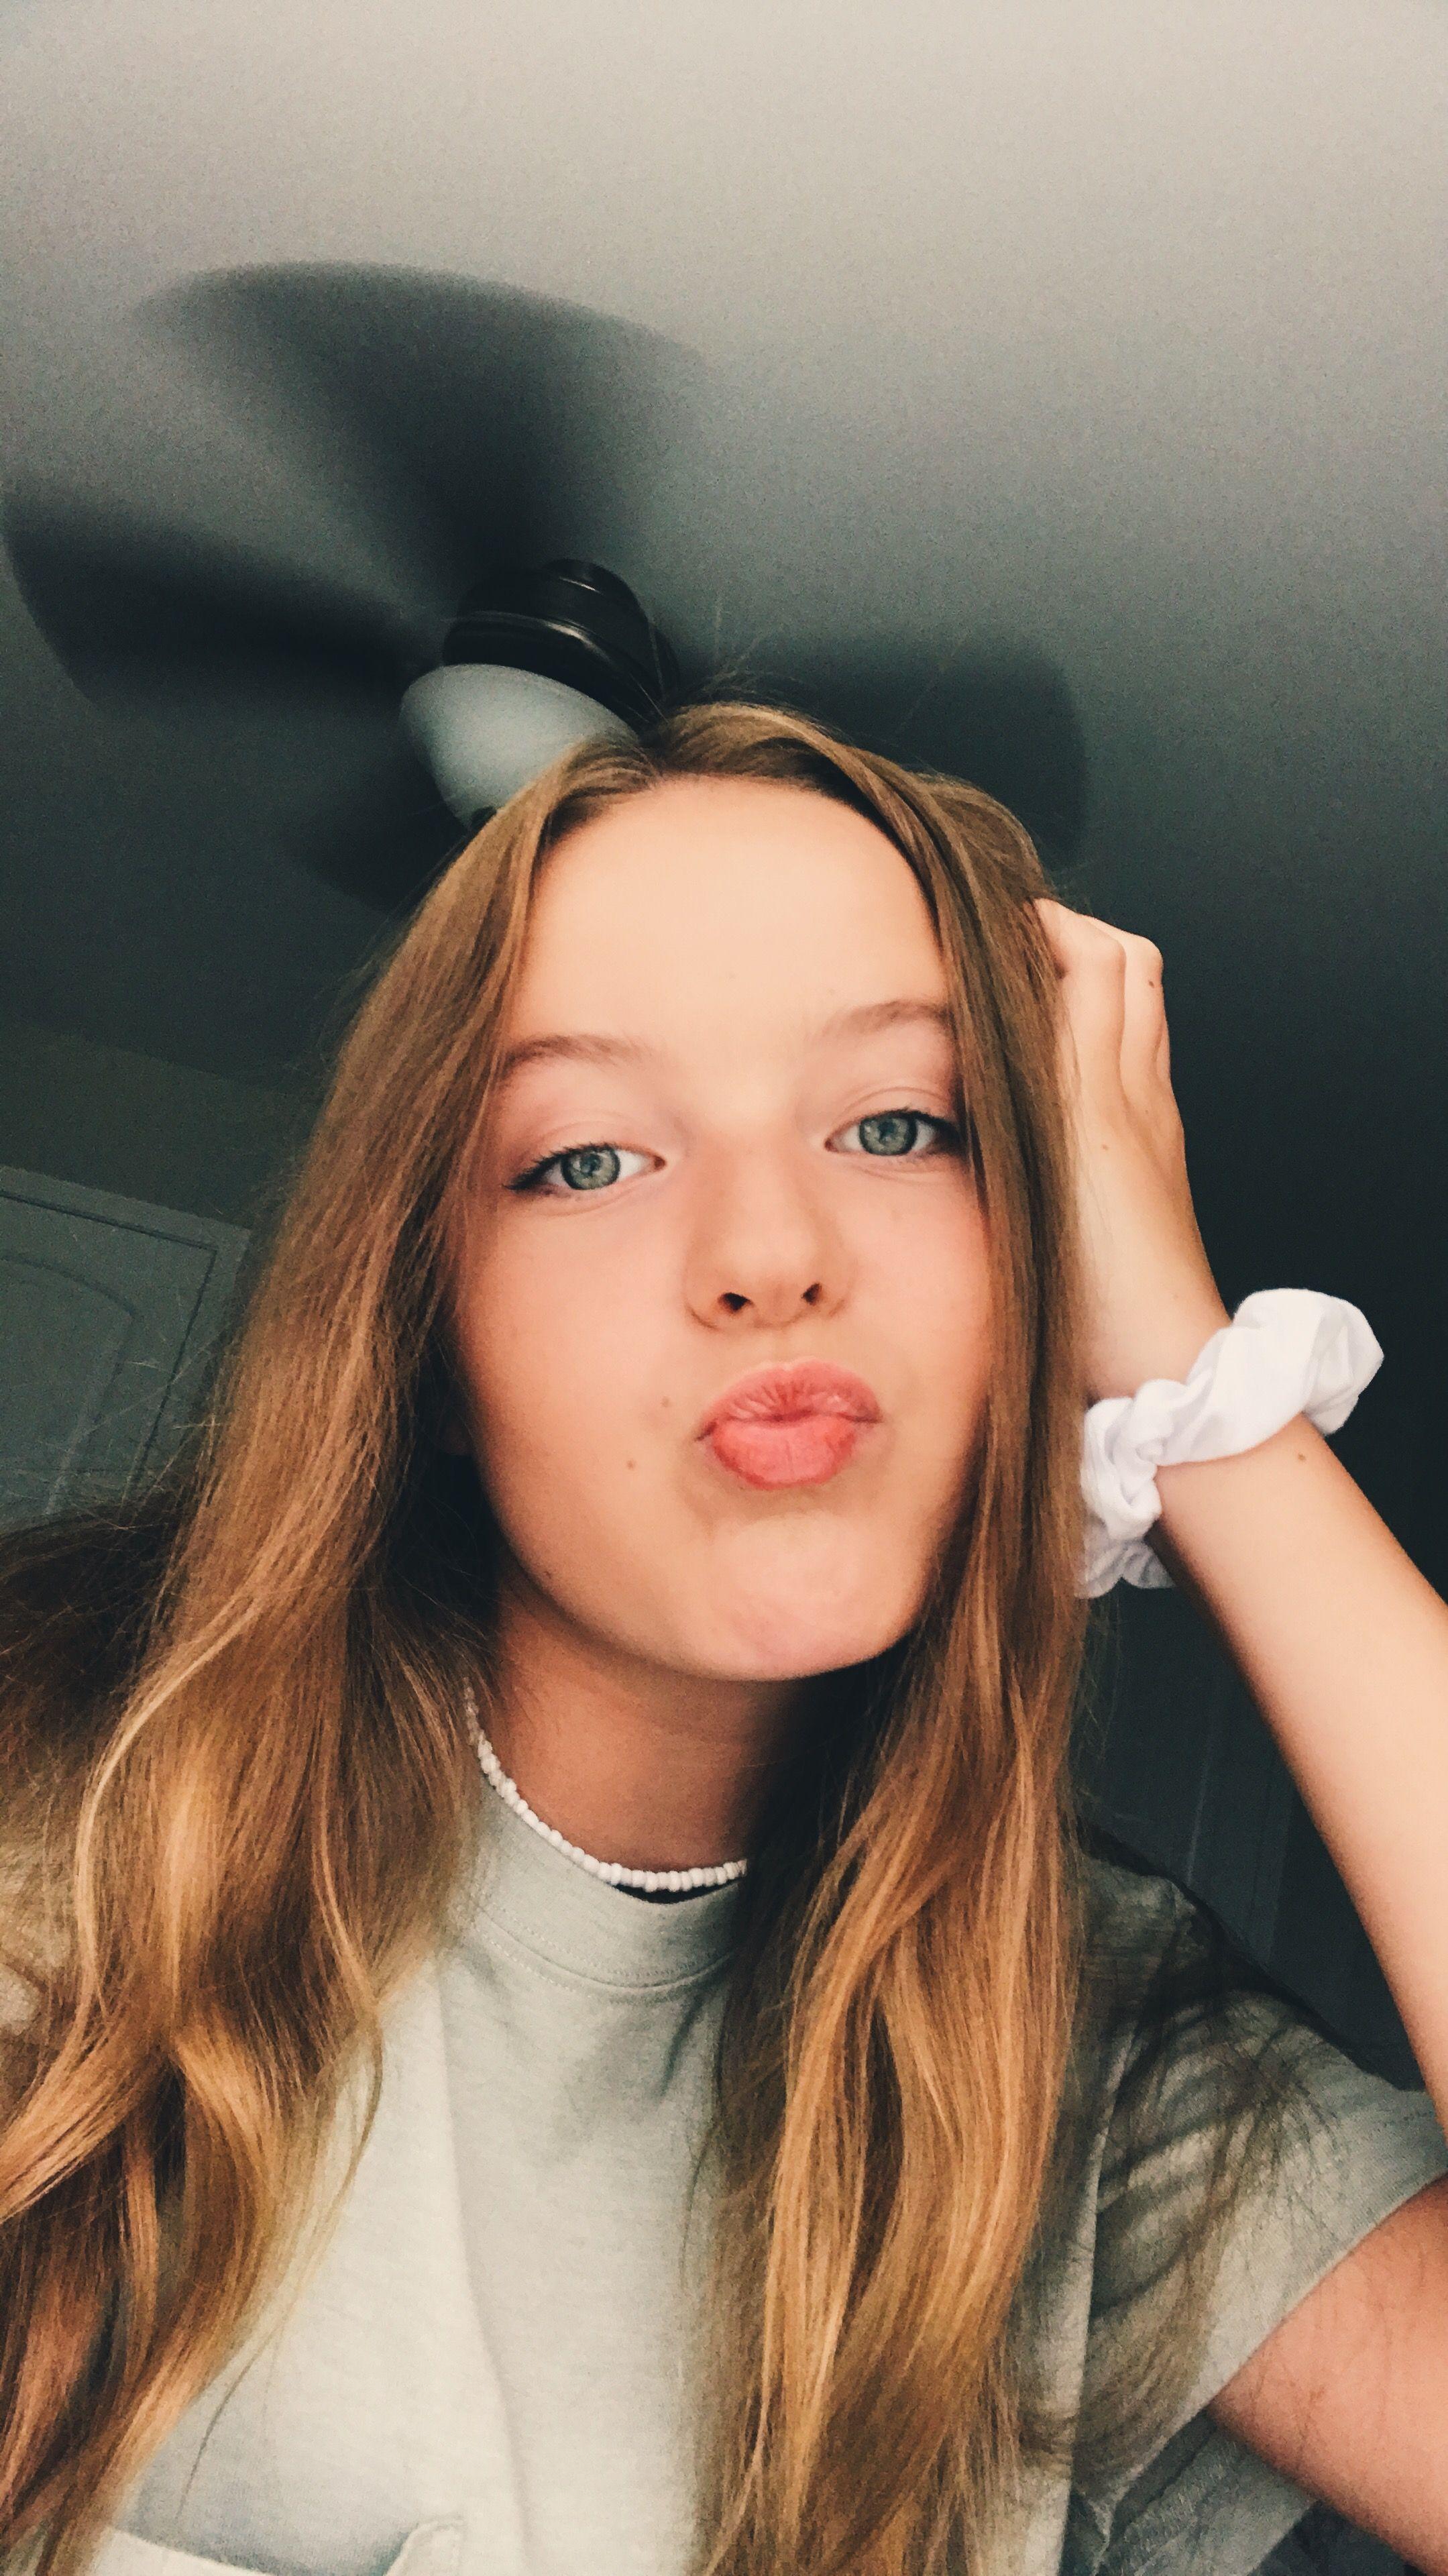 Shes so pretty | Cute selfie ideas, Selfie ideas